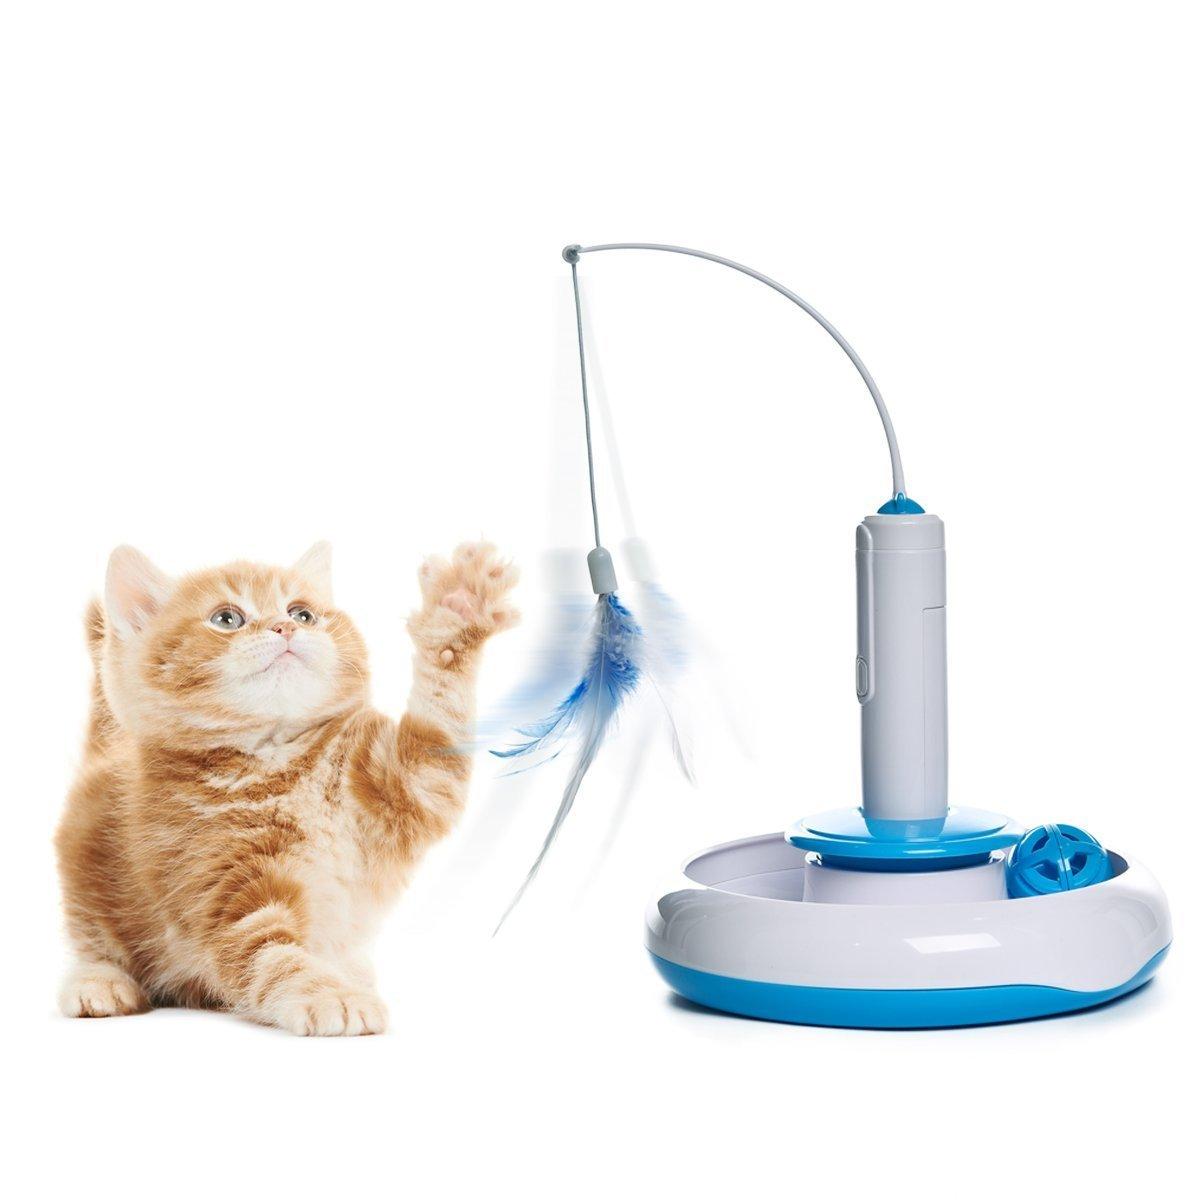 alta qualità genuina SHENNANJI Per Cat Chase Toy Toy Toy IQ Chasing Plate Pets Prodotti Kitten Toys con Moving Butterfly And Ball  la migliore offerta del negozio online